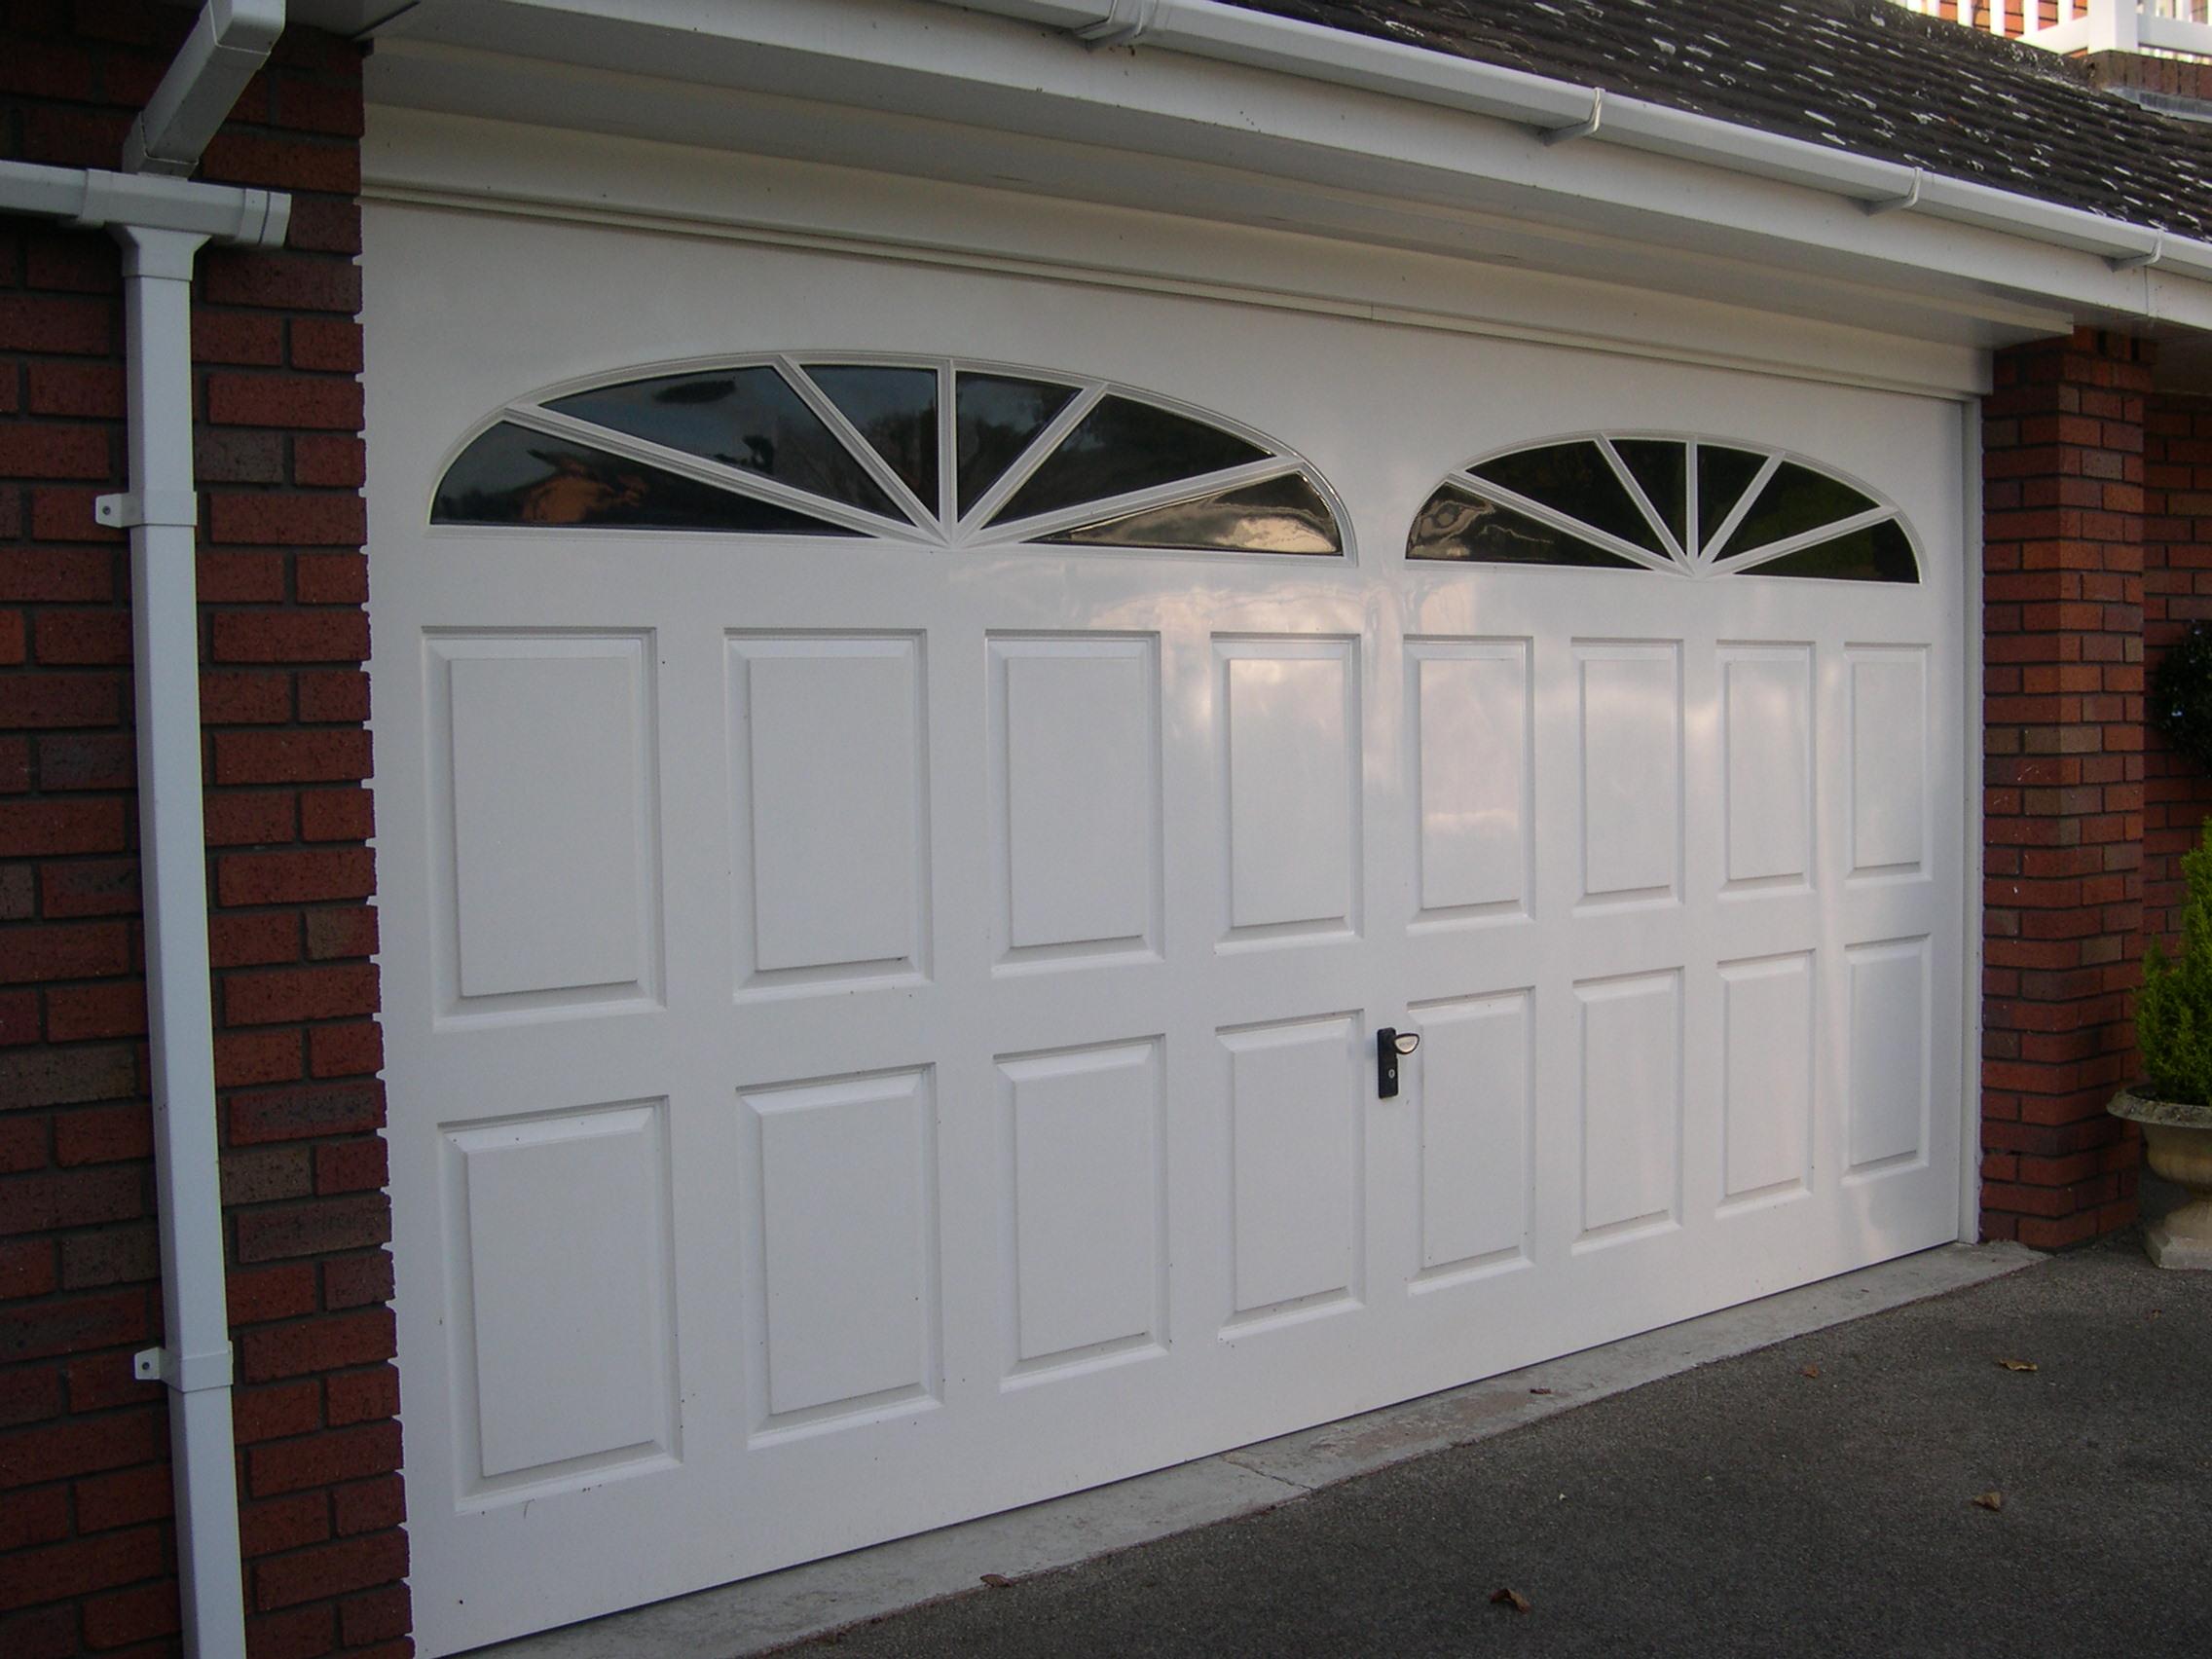 1704 #594C41  Recent Work Garage Doors Categories Garage Doors Archives January 2016 picture/photo Gallery Garage Doors 35892272